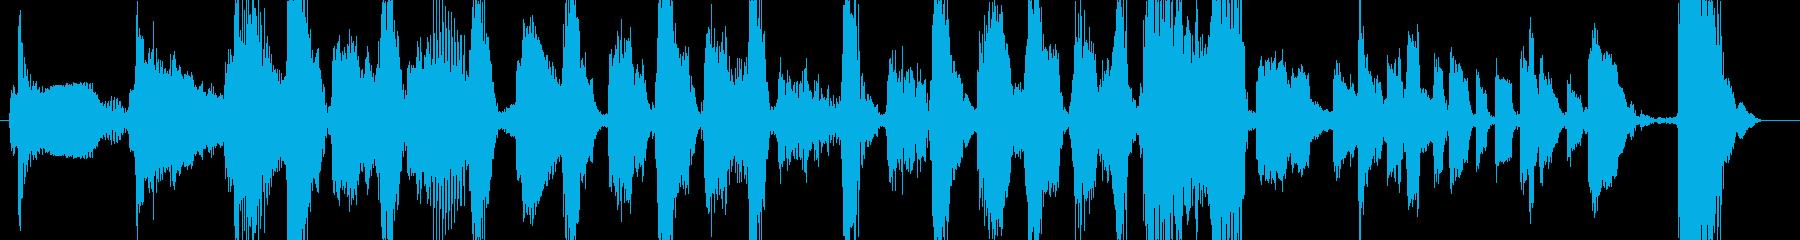 アラジンが歌いそうなジプシージングルの再生済みの波形